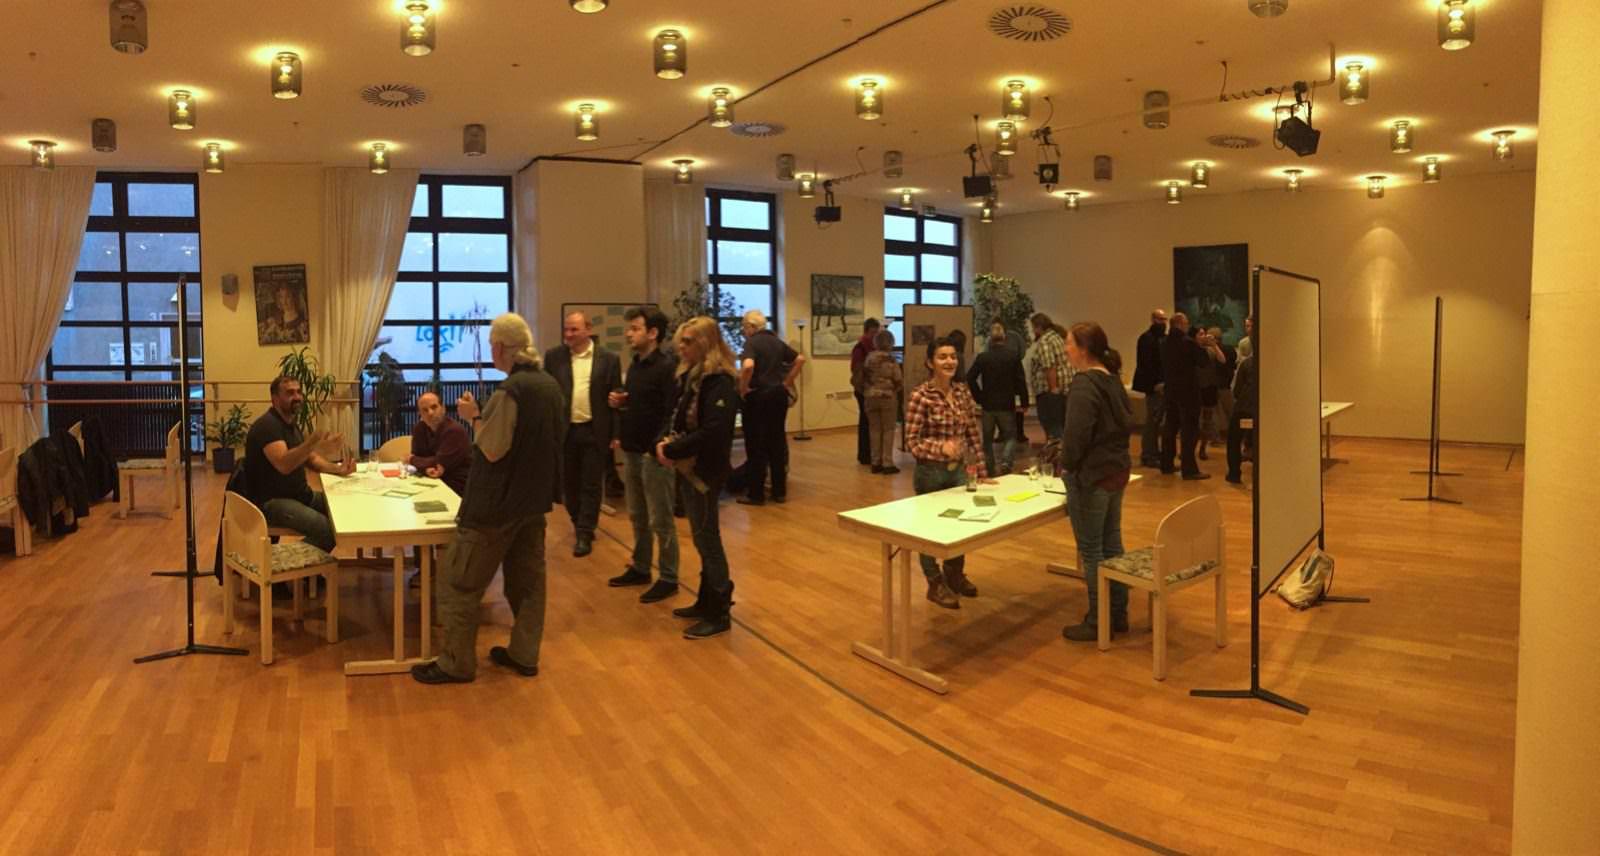 In lockerer Runde konnte an den Tischen über Ideen für den Neumarkt diskutiert werden | Foto: M. Schülke